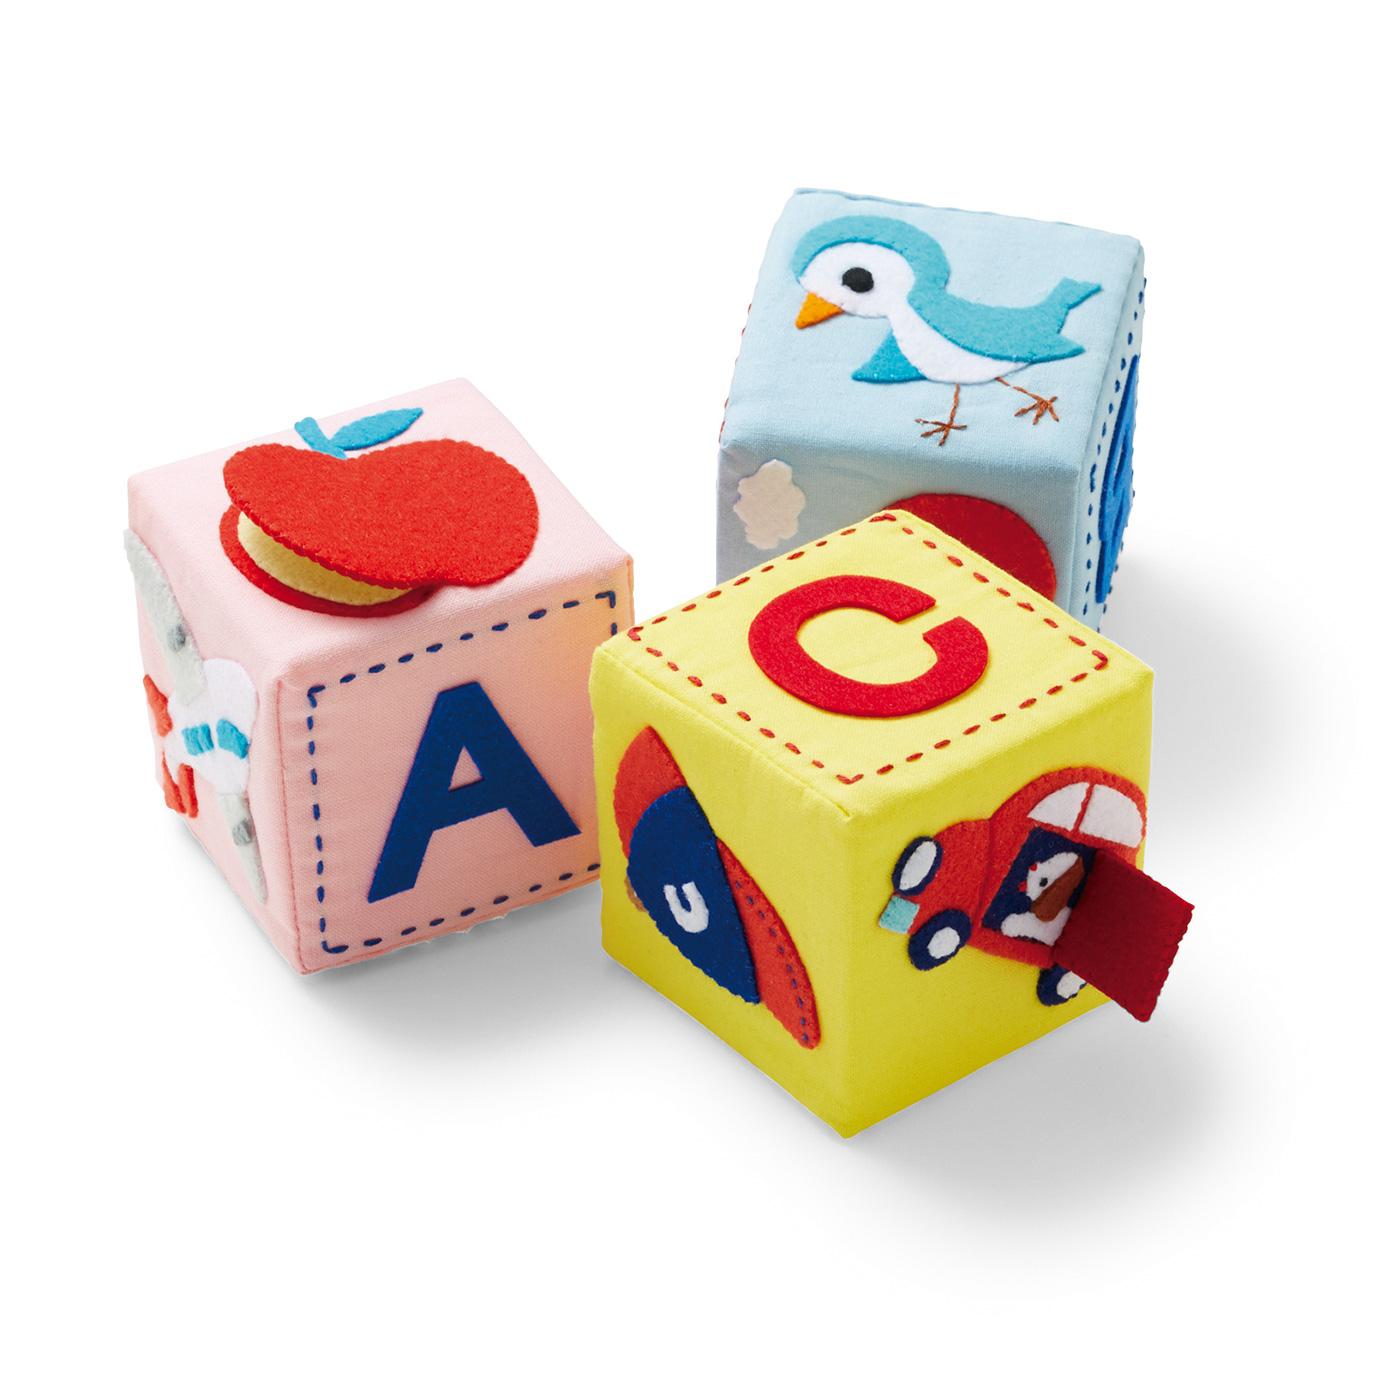 1回で3個のブロックが作れます。